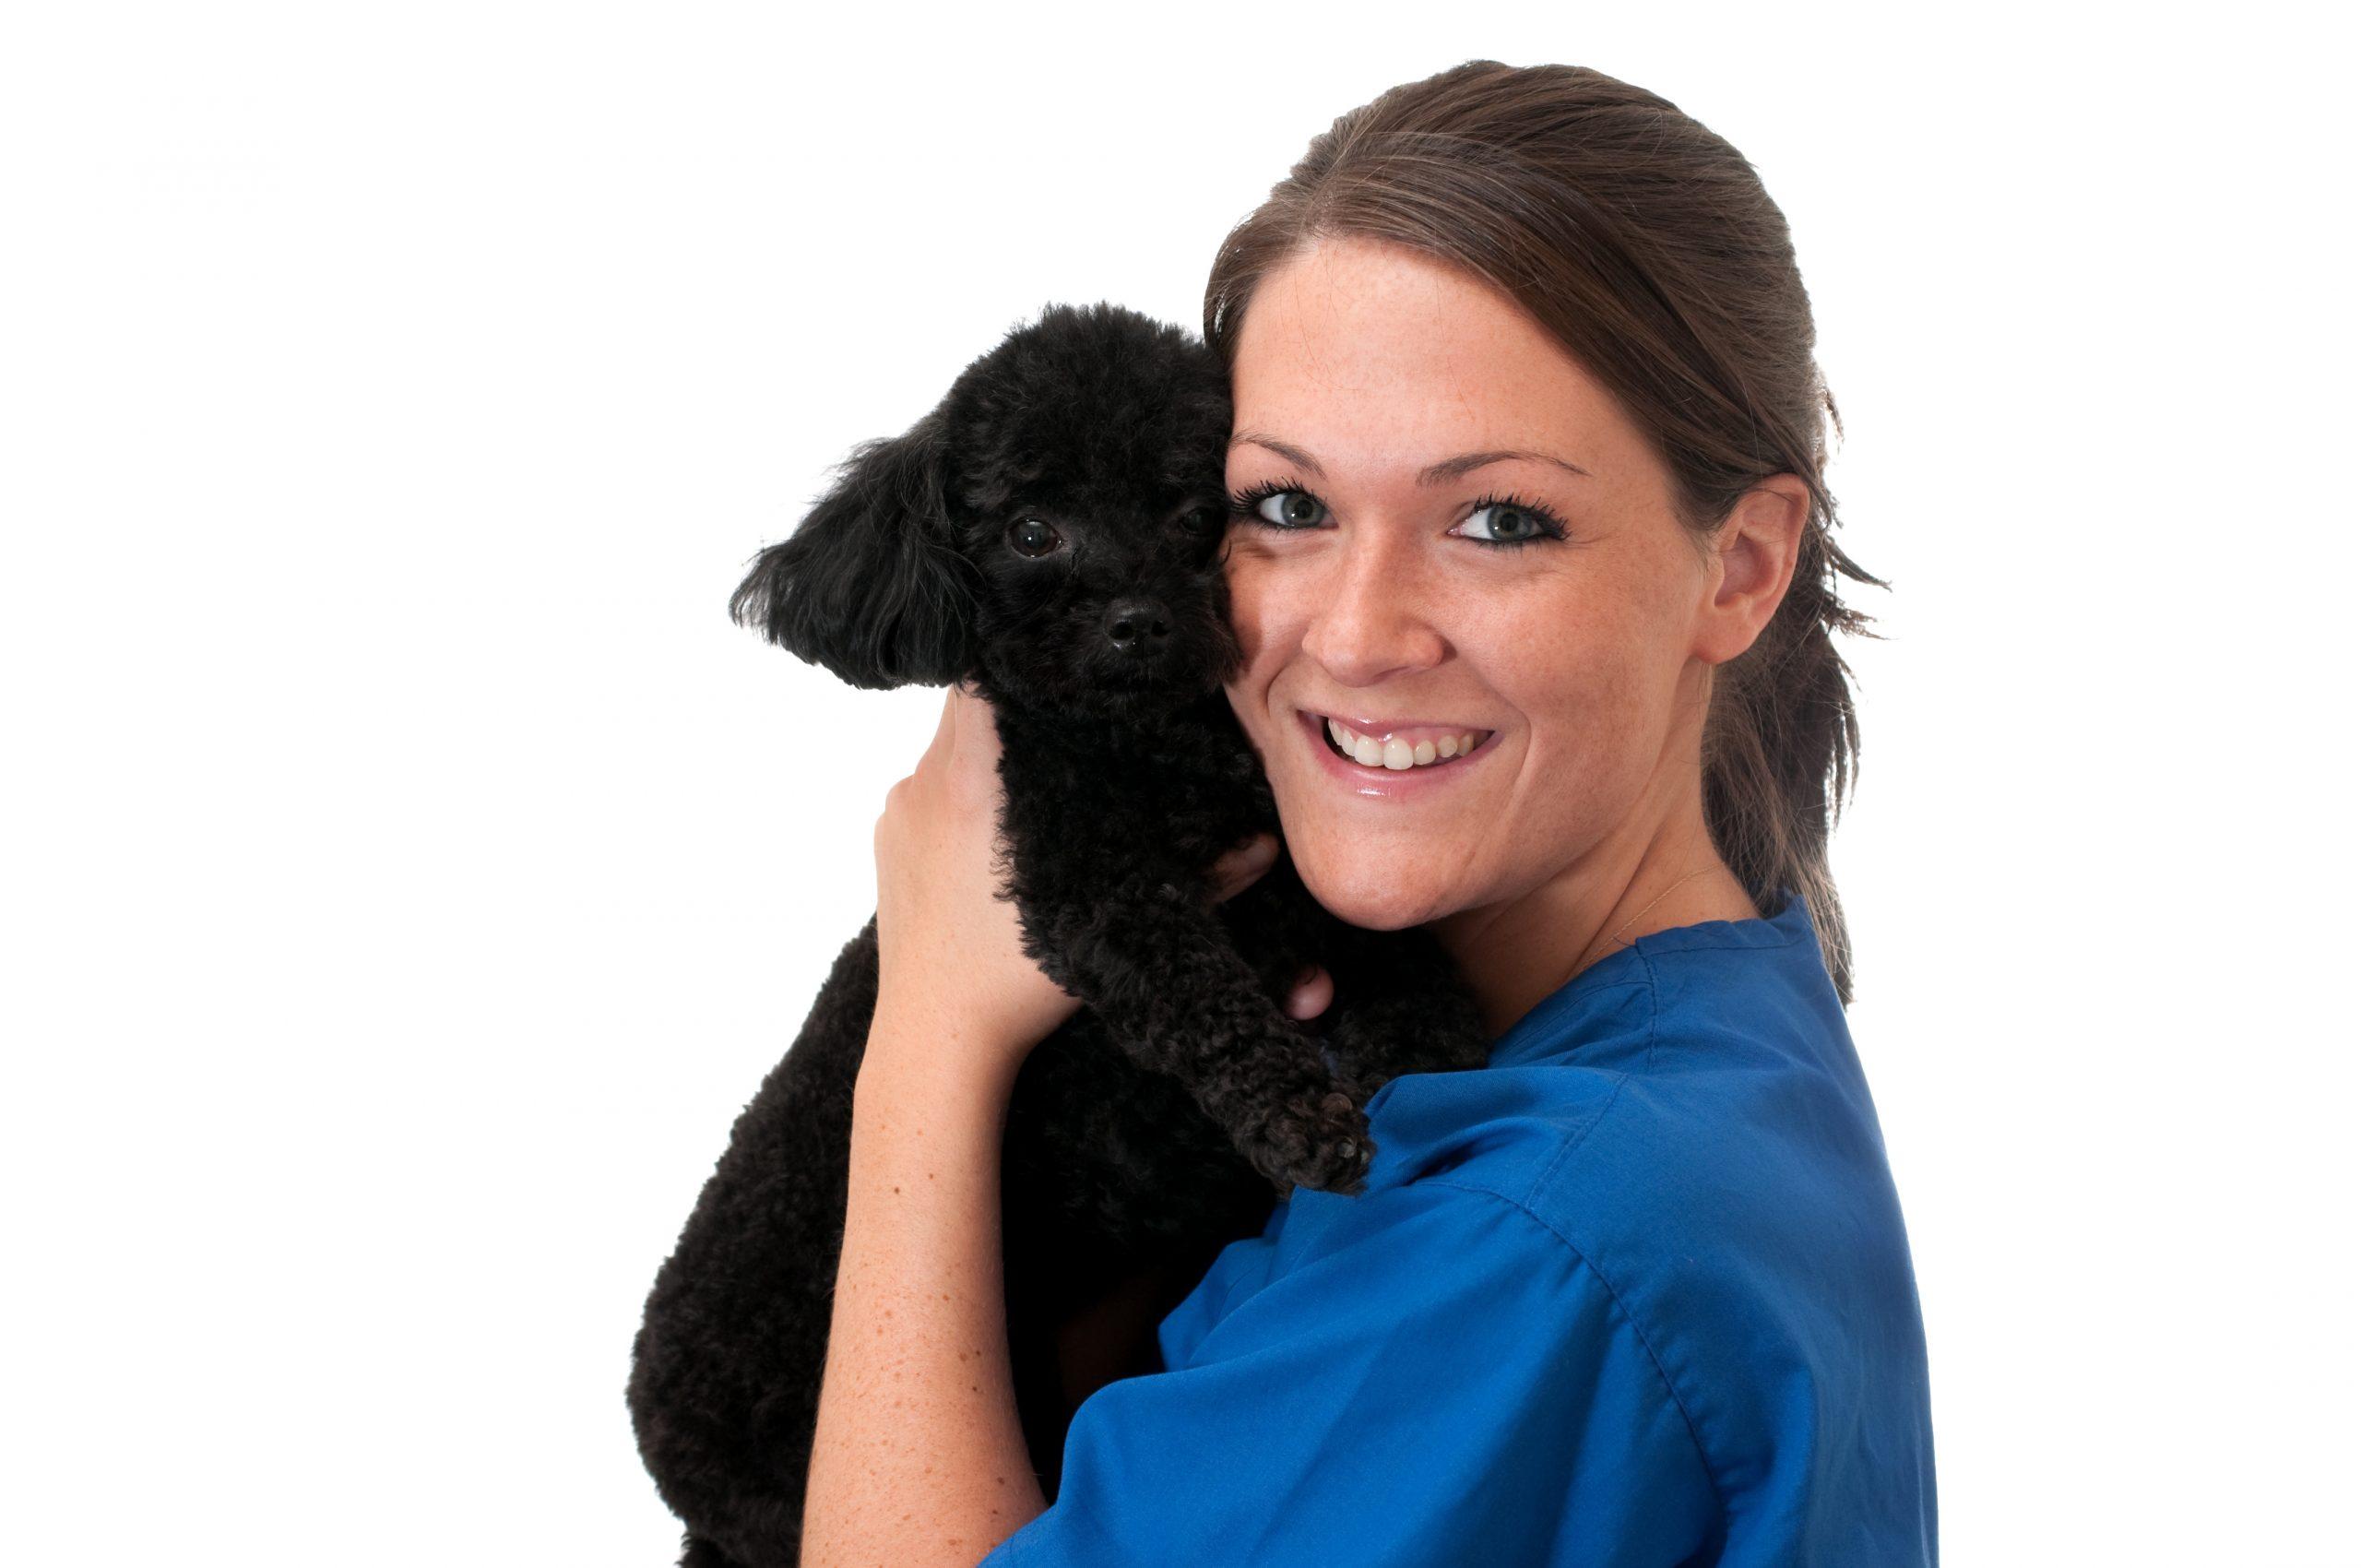 relief veterinary technicians